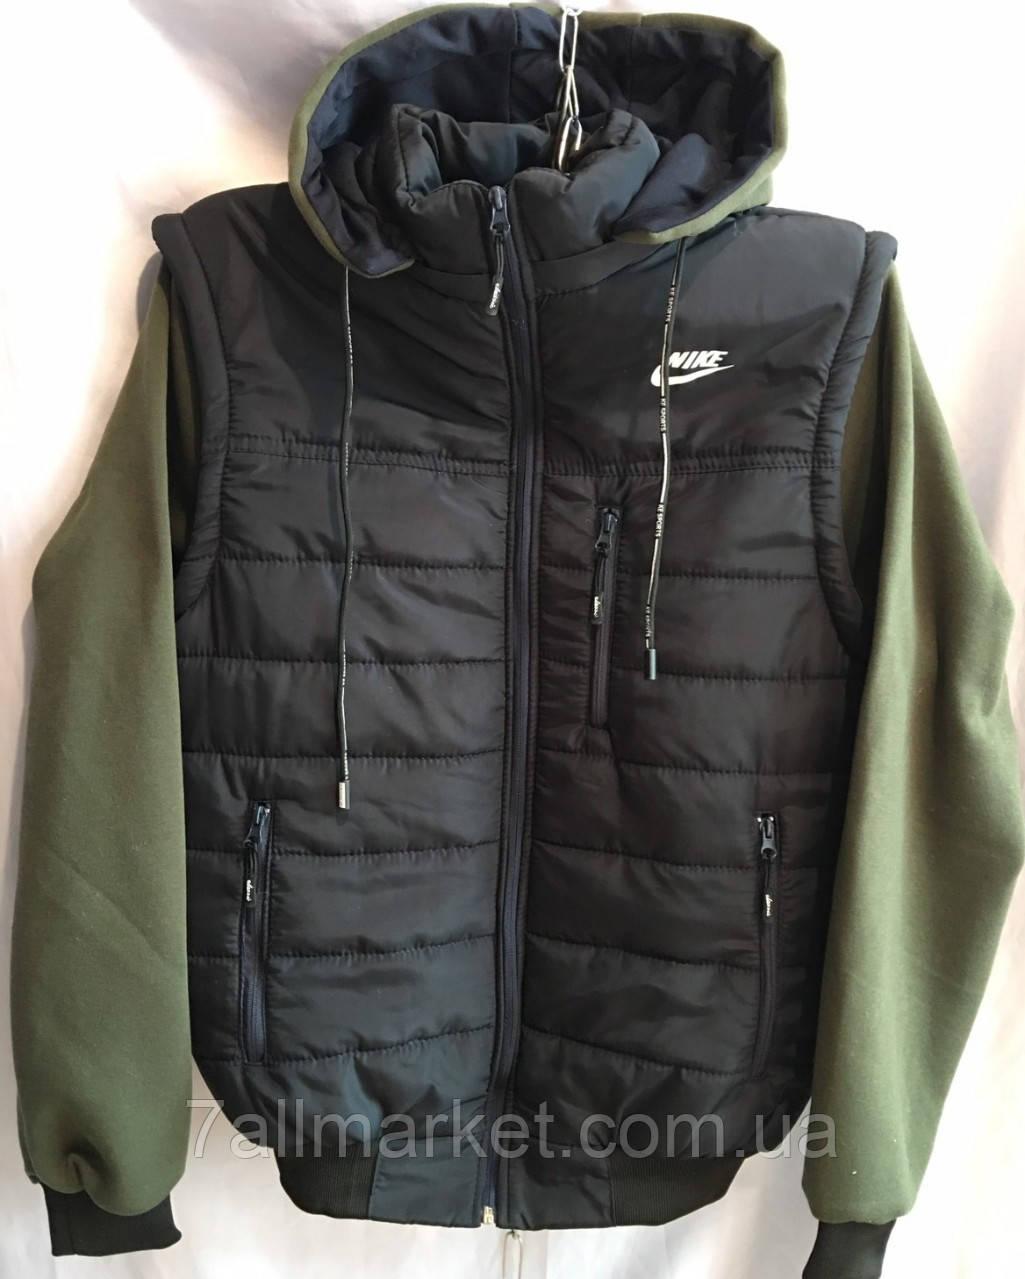 """Куртка-жилетка мужская демисезонная Найк, размеры 48-56 """"DikChin""""  купить недорого от прямого поставщика"""